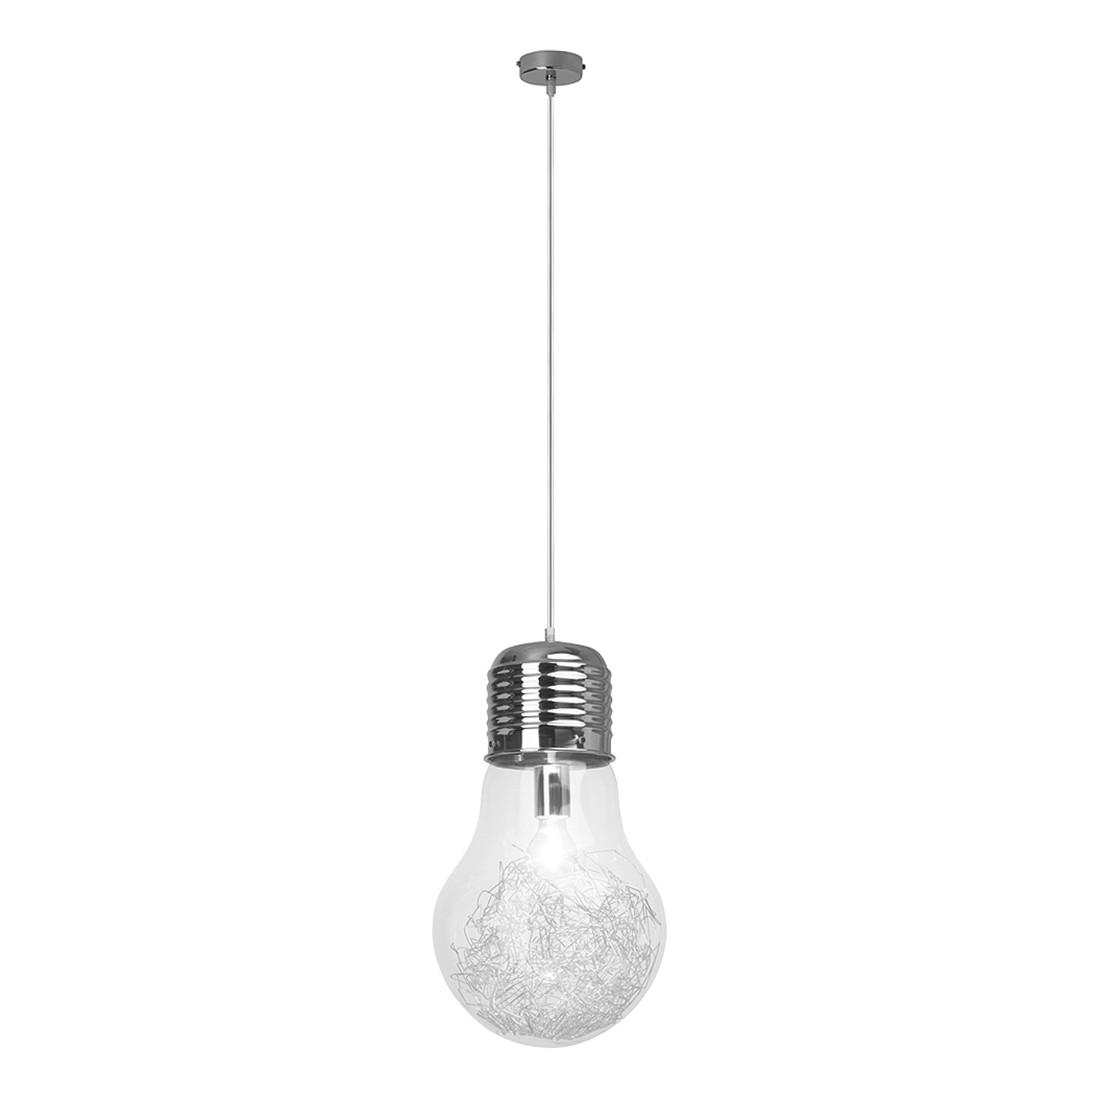 EEK A++, Pendelleuchte Bulb - 1-flammig, Brilliant